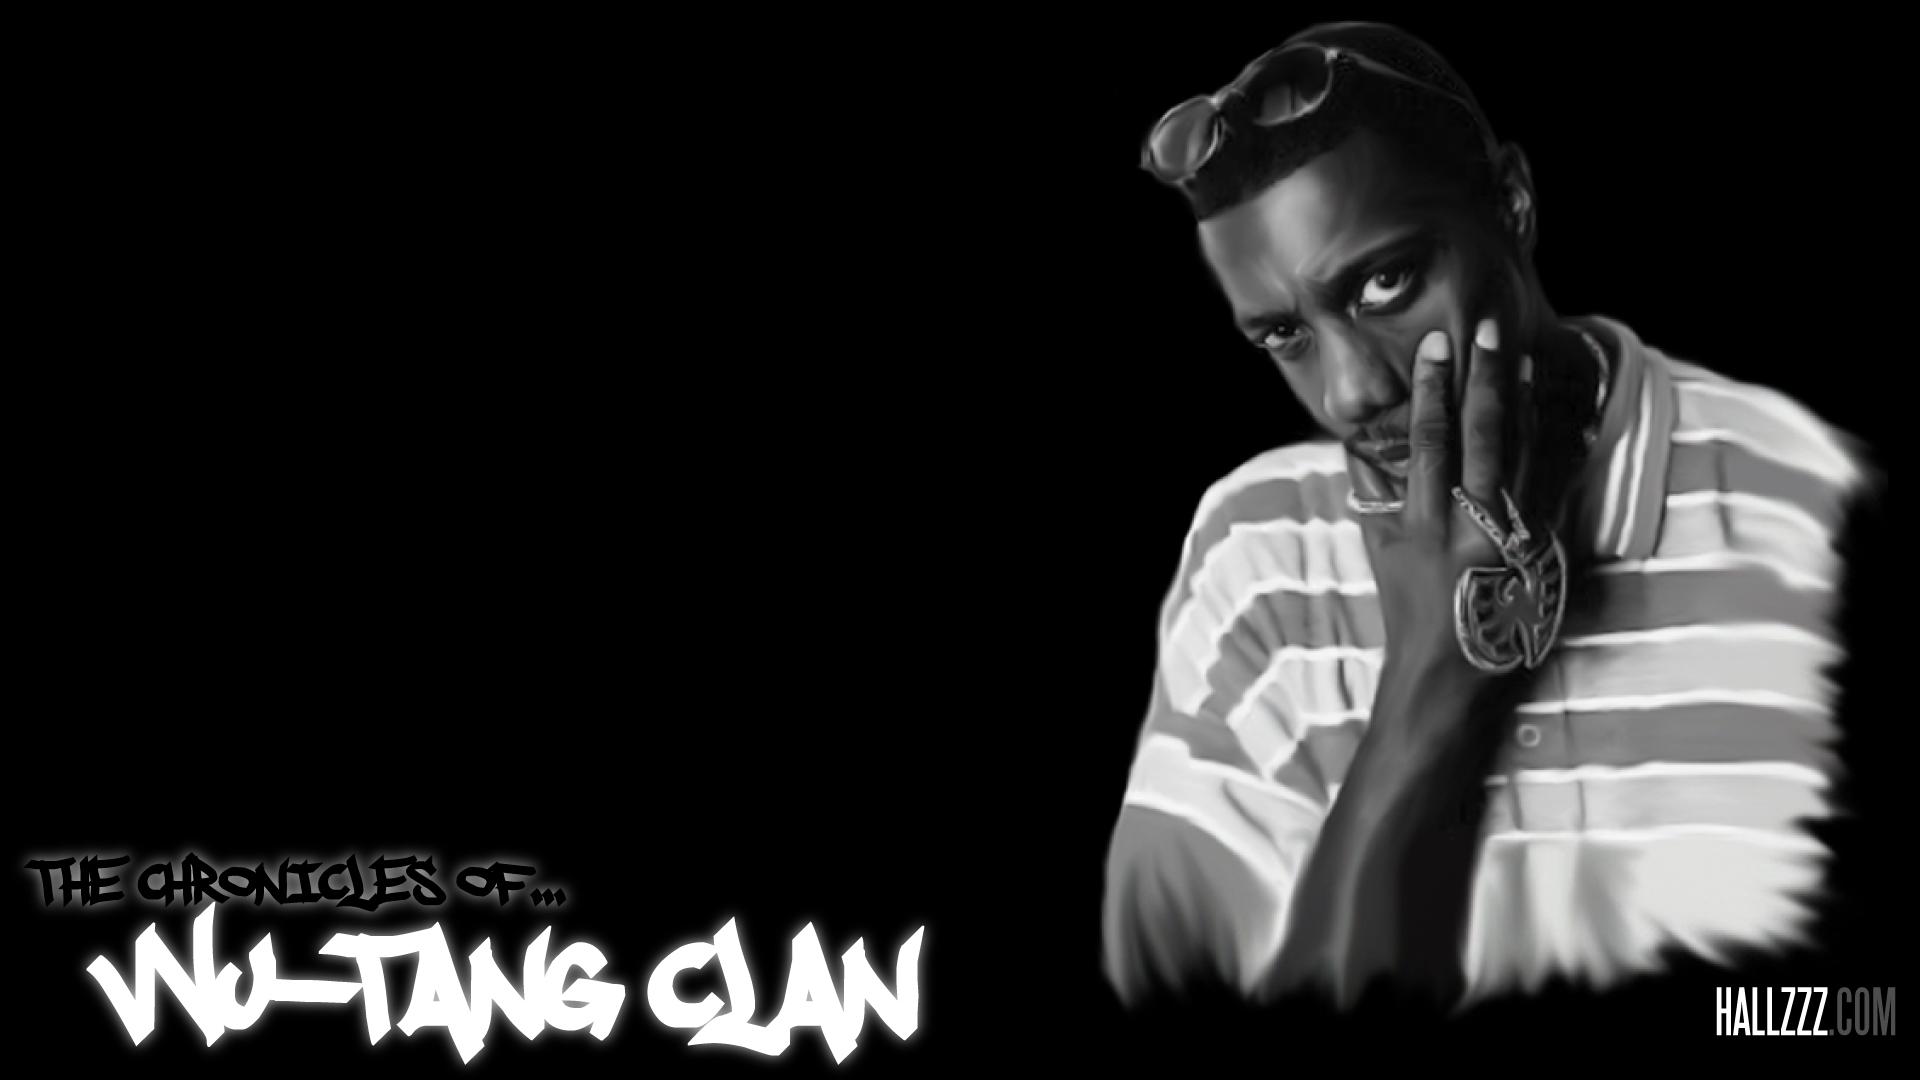 Wu Tang Clan gangsta rap hip hop d wallpaper 1920x1080 91640 1920x1080